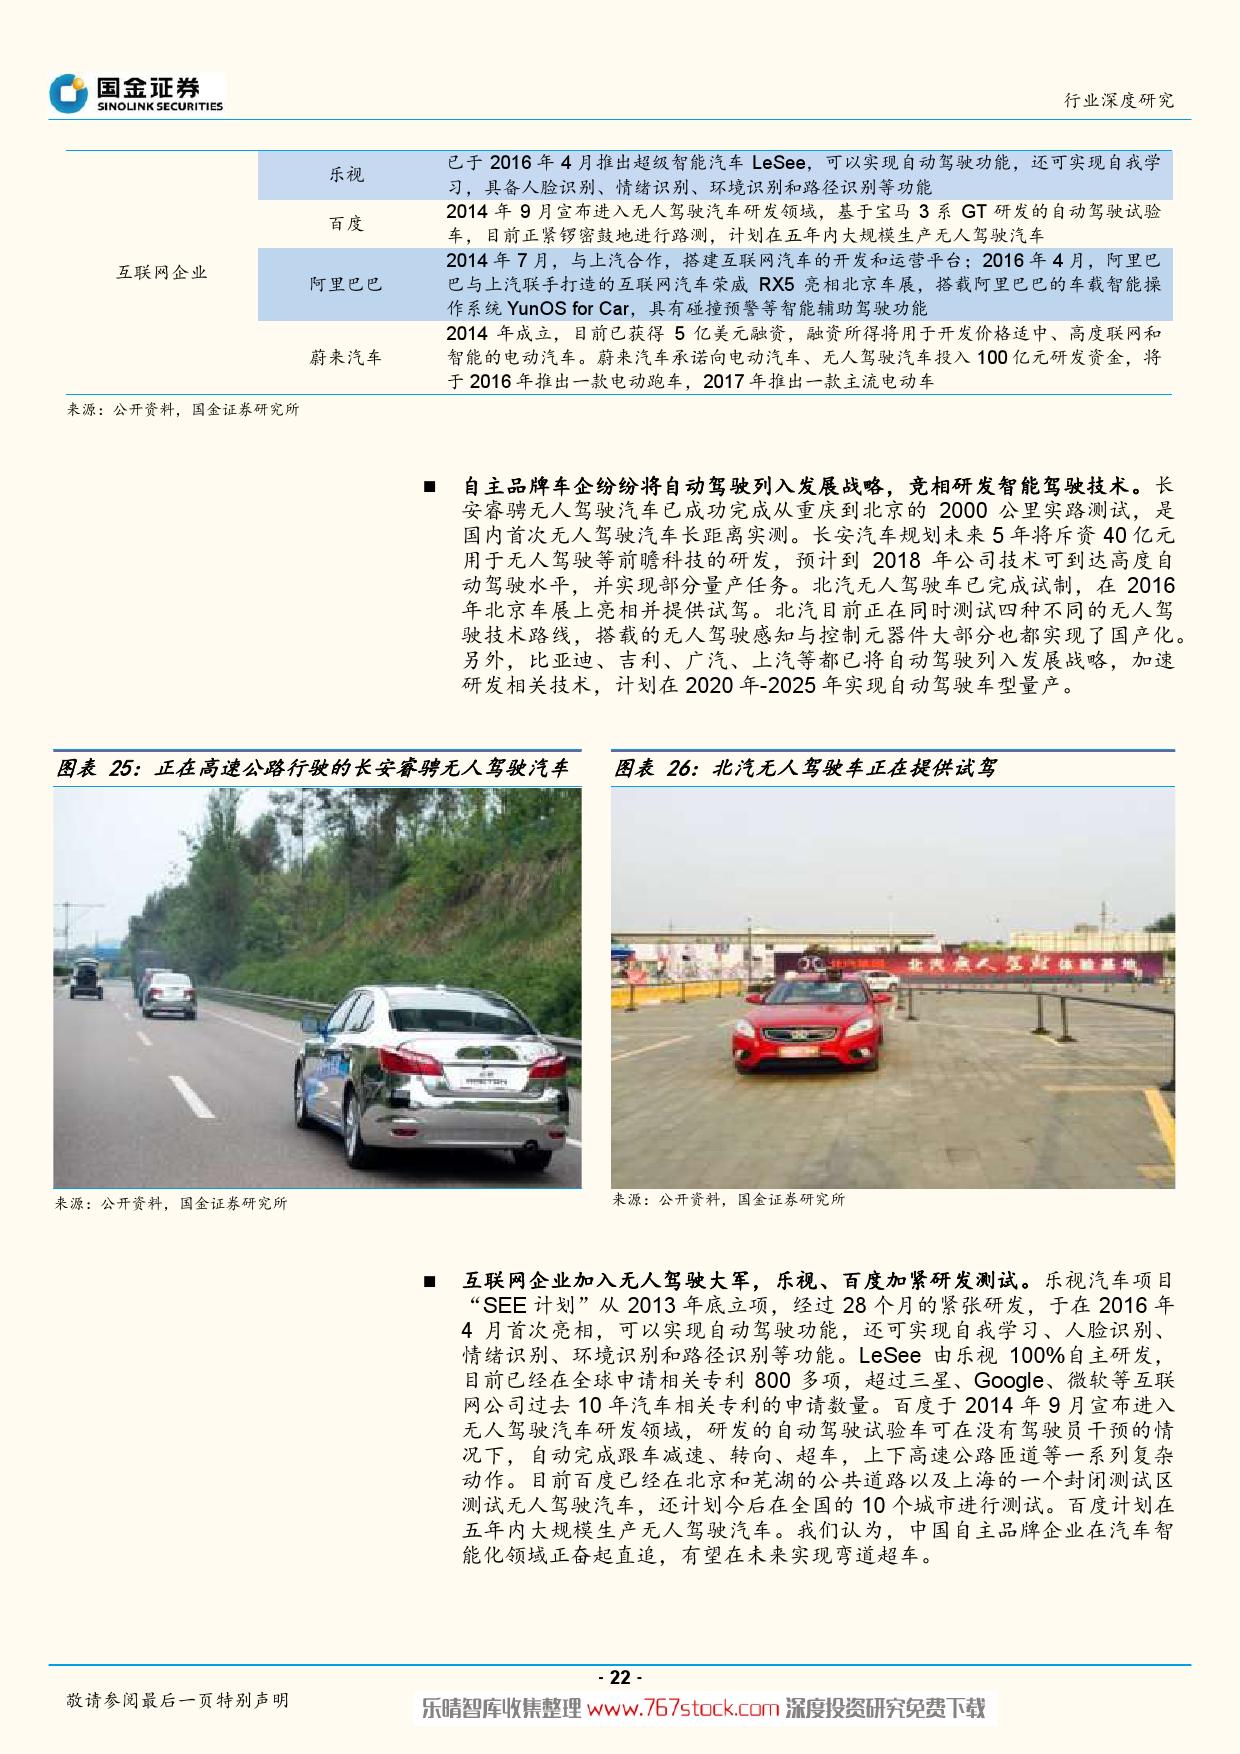 特斯拉产业系列深度报告-智能驾驶爆发在即_000022